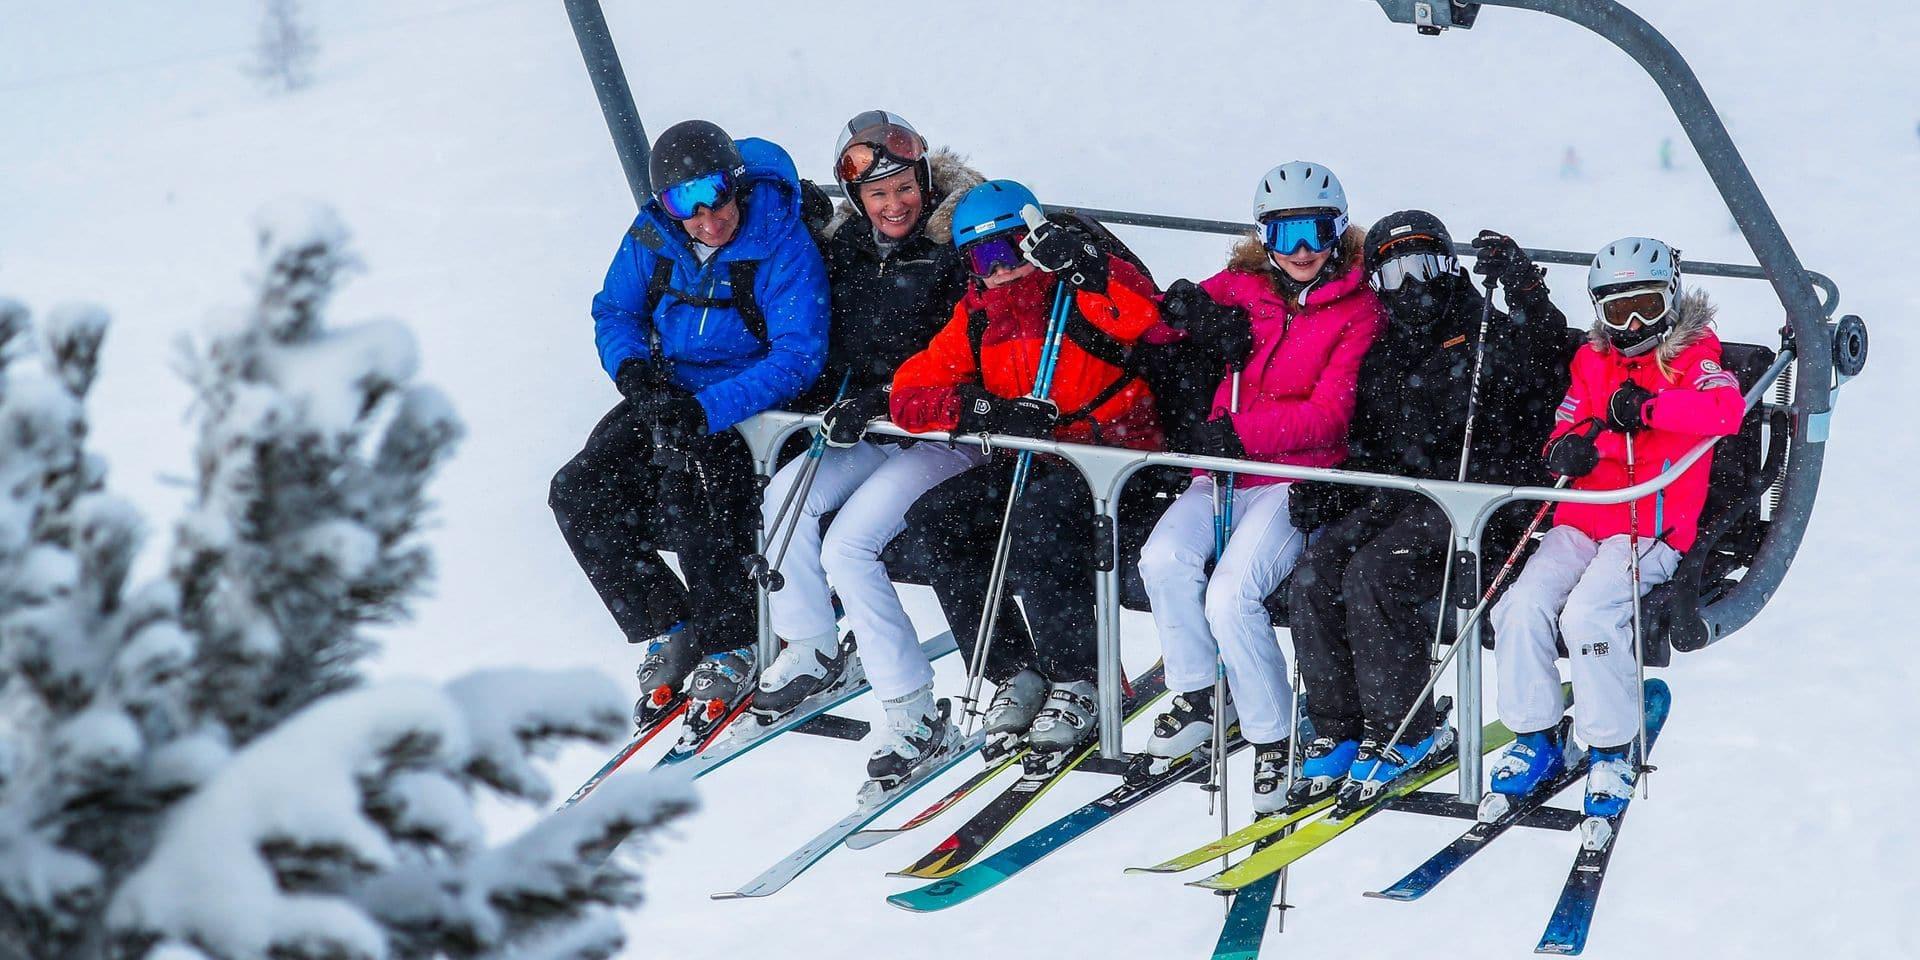 Un conseil : attendez encore avant d'annuler vos vacances d'hiver !